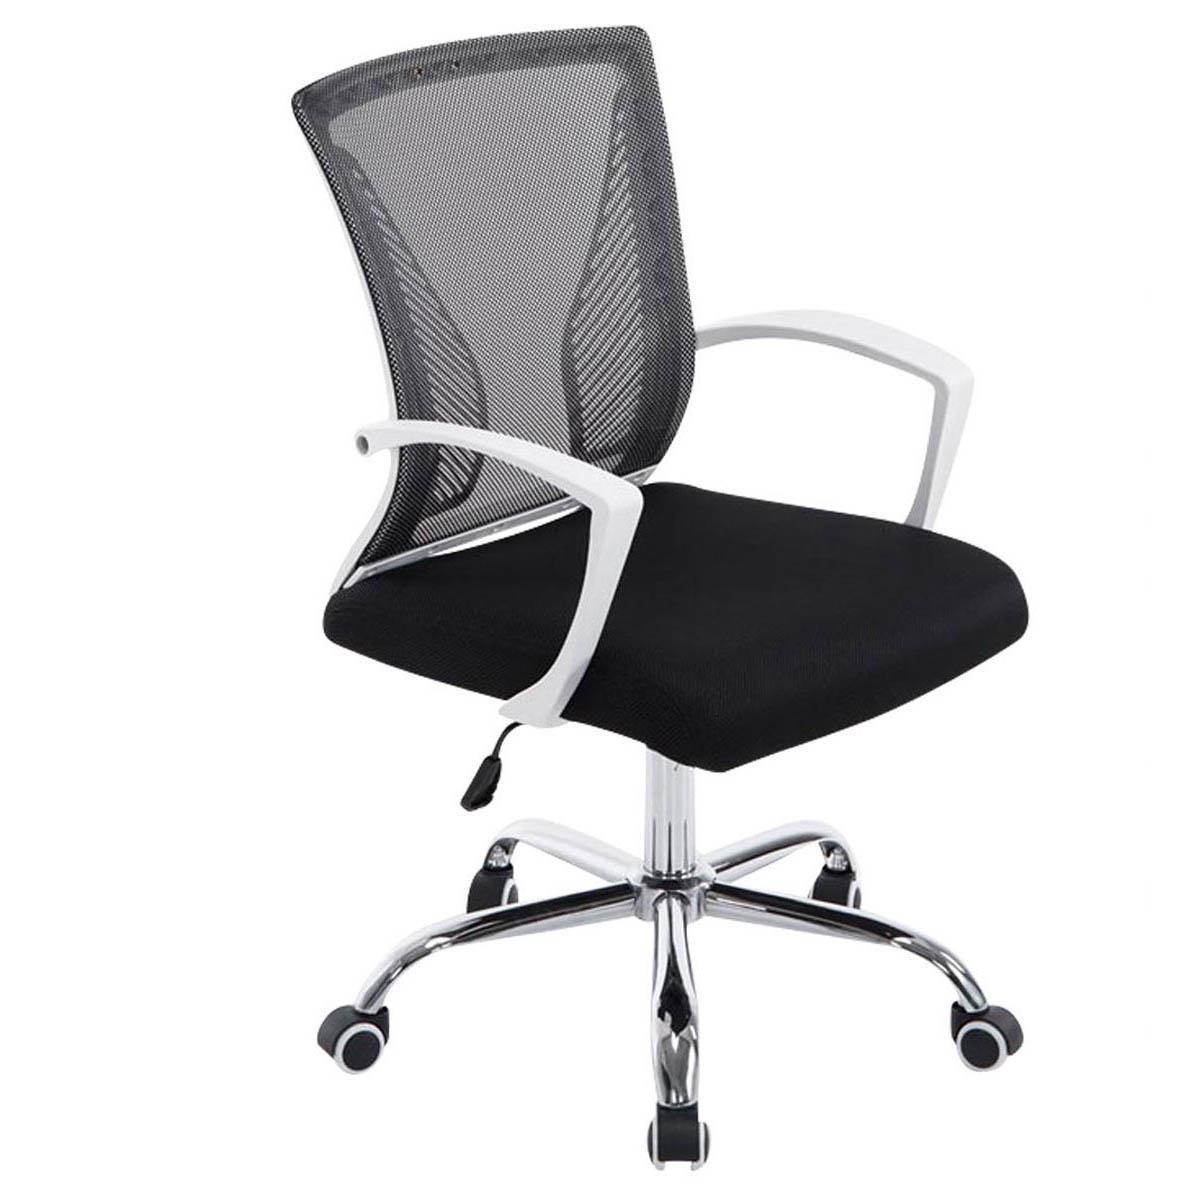 Sedia da ufficio cuba schienale traspirante design for Sedia design ufficio